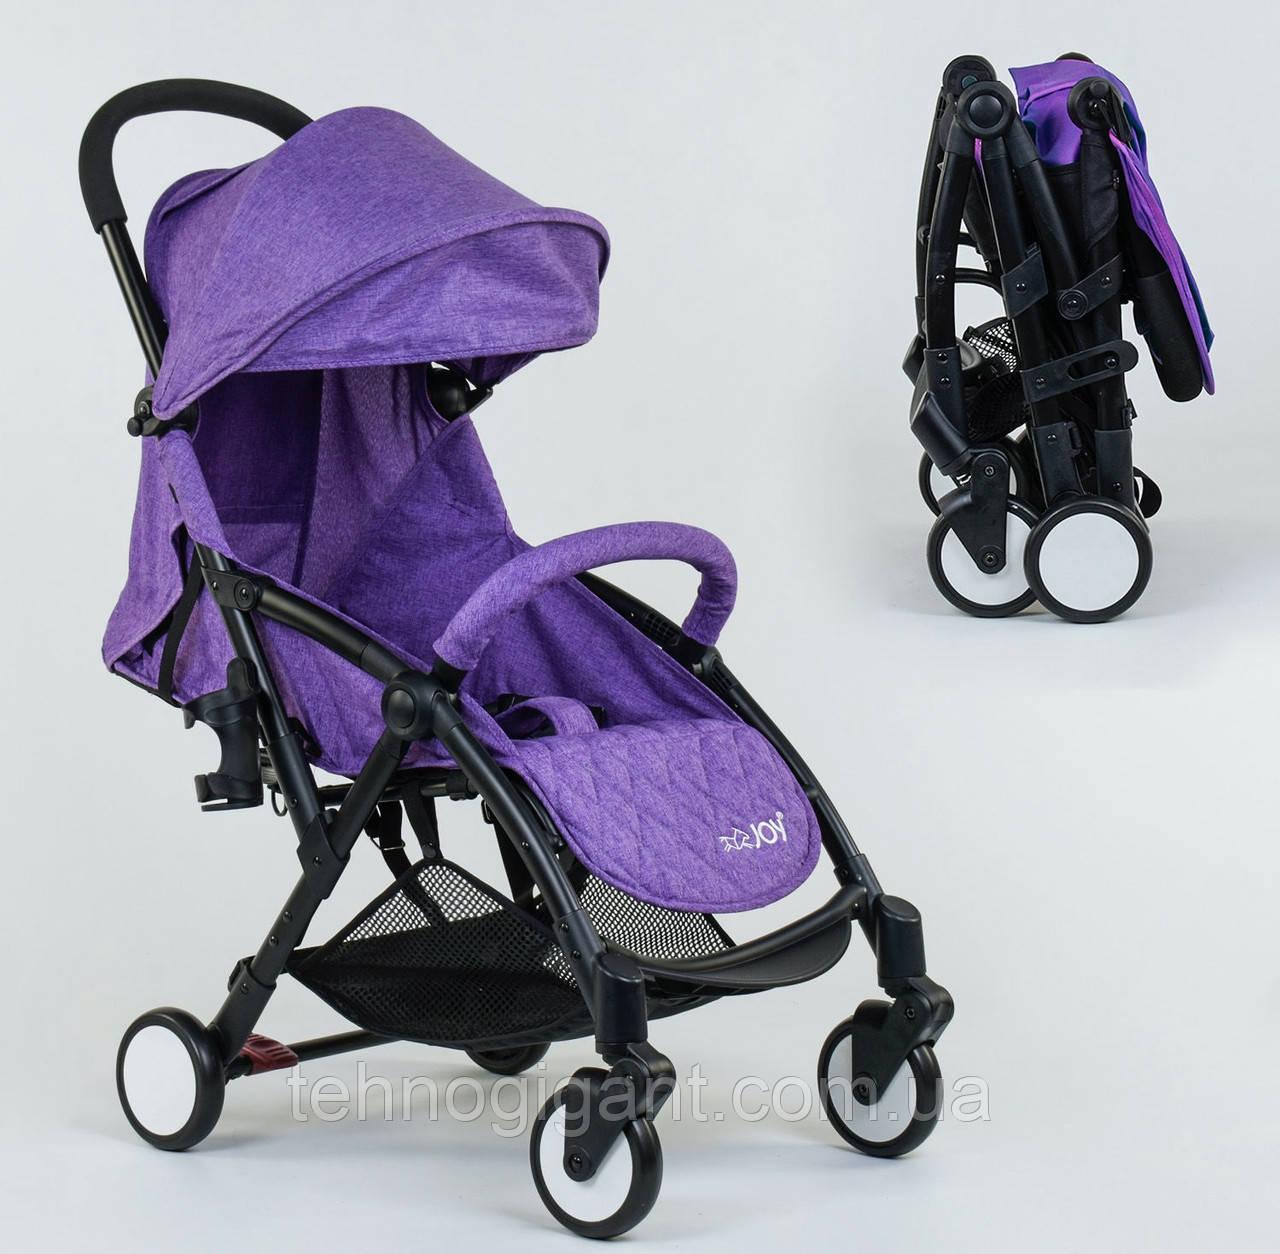 """Коляска прогулочная детская  W 2277 """"JOY"""" Фиолетовая, съемный бампер, футкавер, складная"""